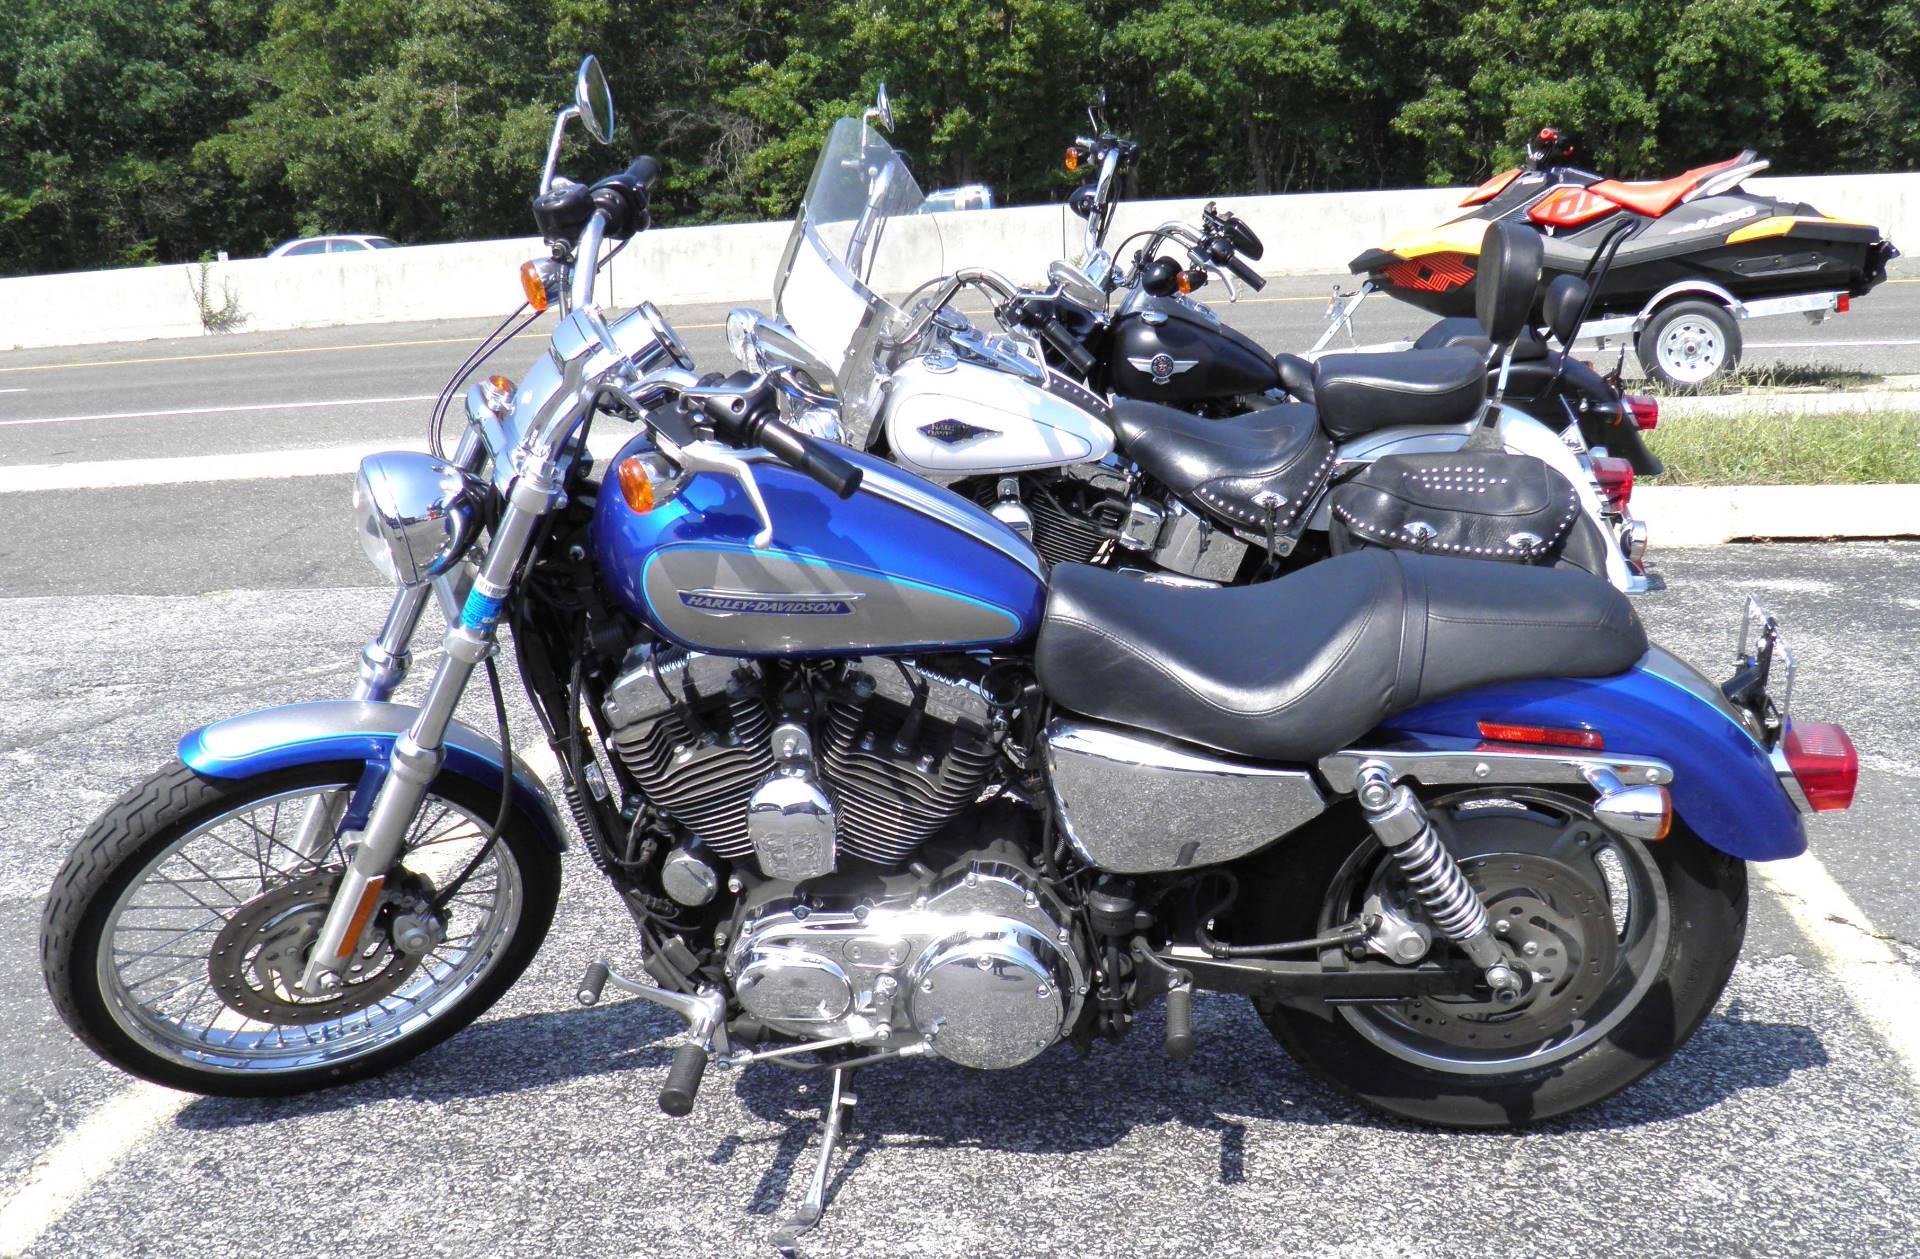 Harley Davidson Sportster 1200 >> Used 2009 Harley Davidson Sportster 1200 Custom Motorcycles In